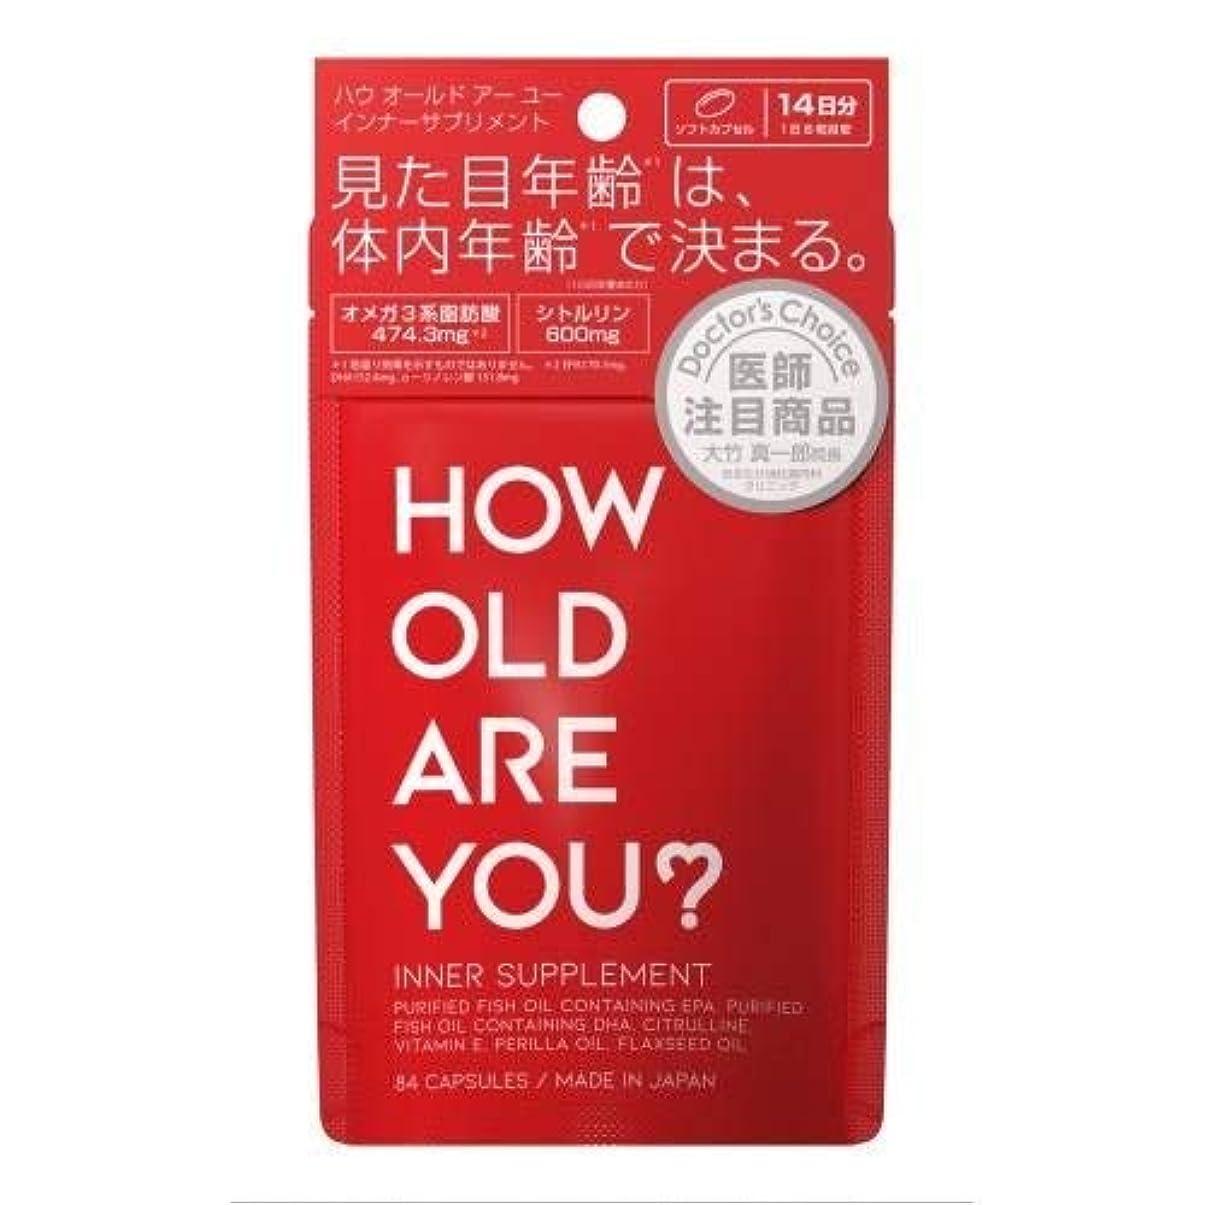 火薬ロマンチック忠実に【6個セット】HOW OLD ARE YOU?インナーサプリメント 84粒